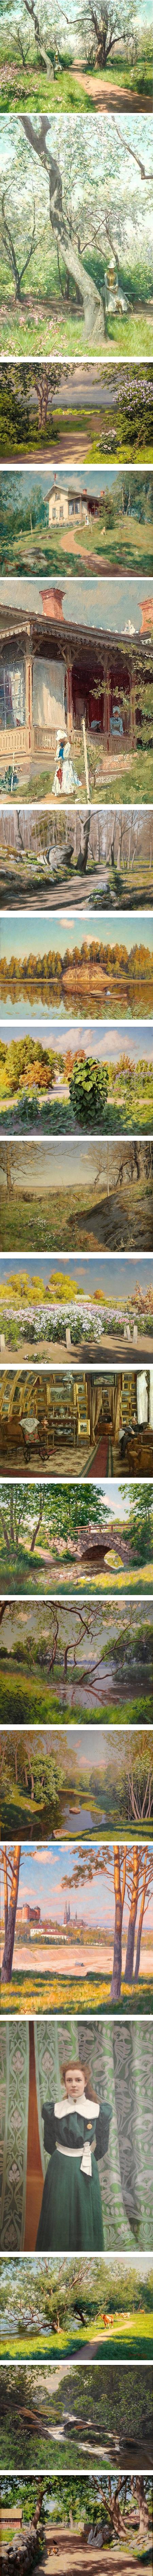 Johan Krouthen, Swedish painter, landscapes